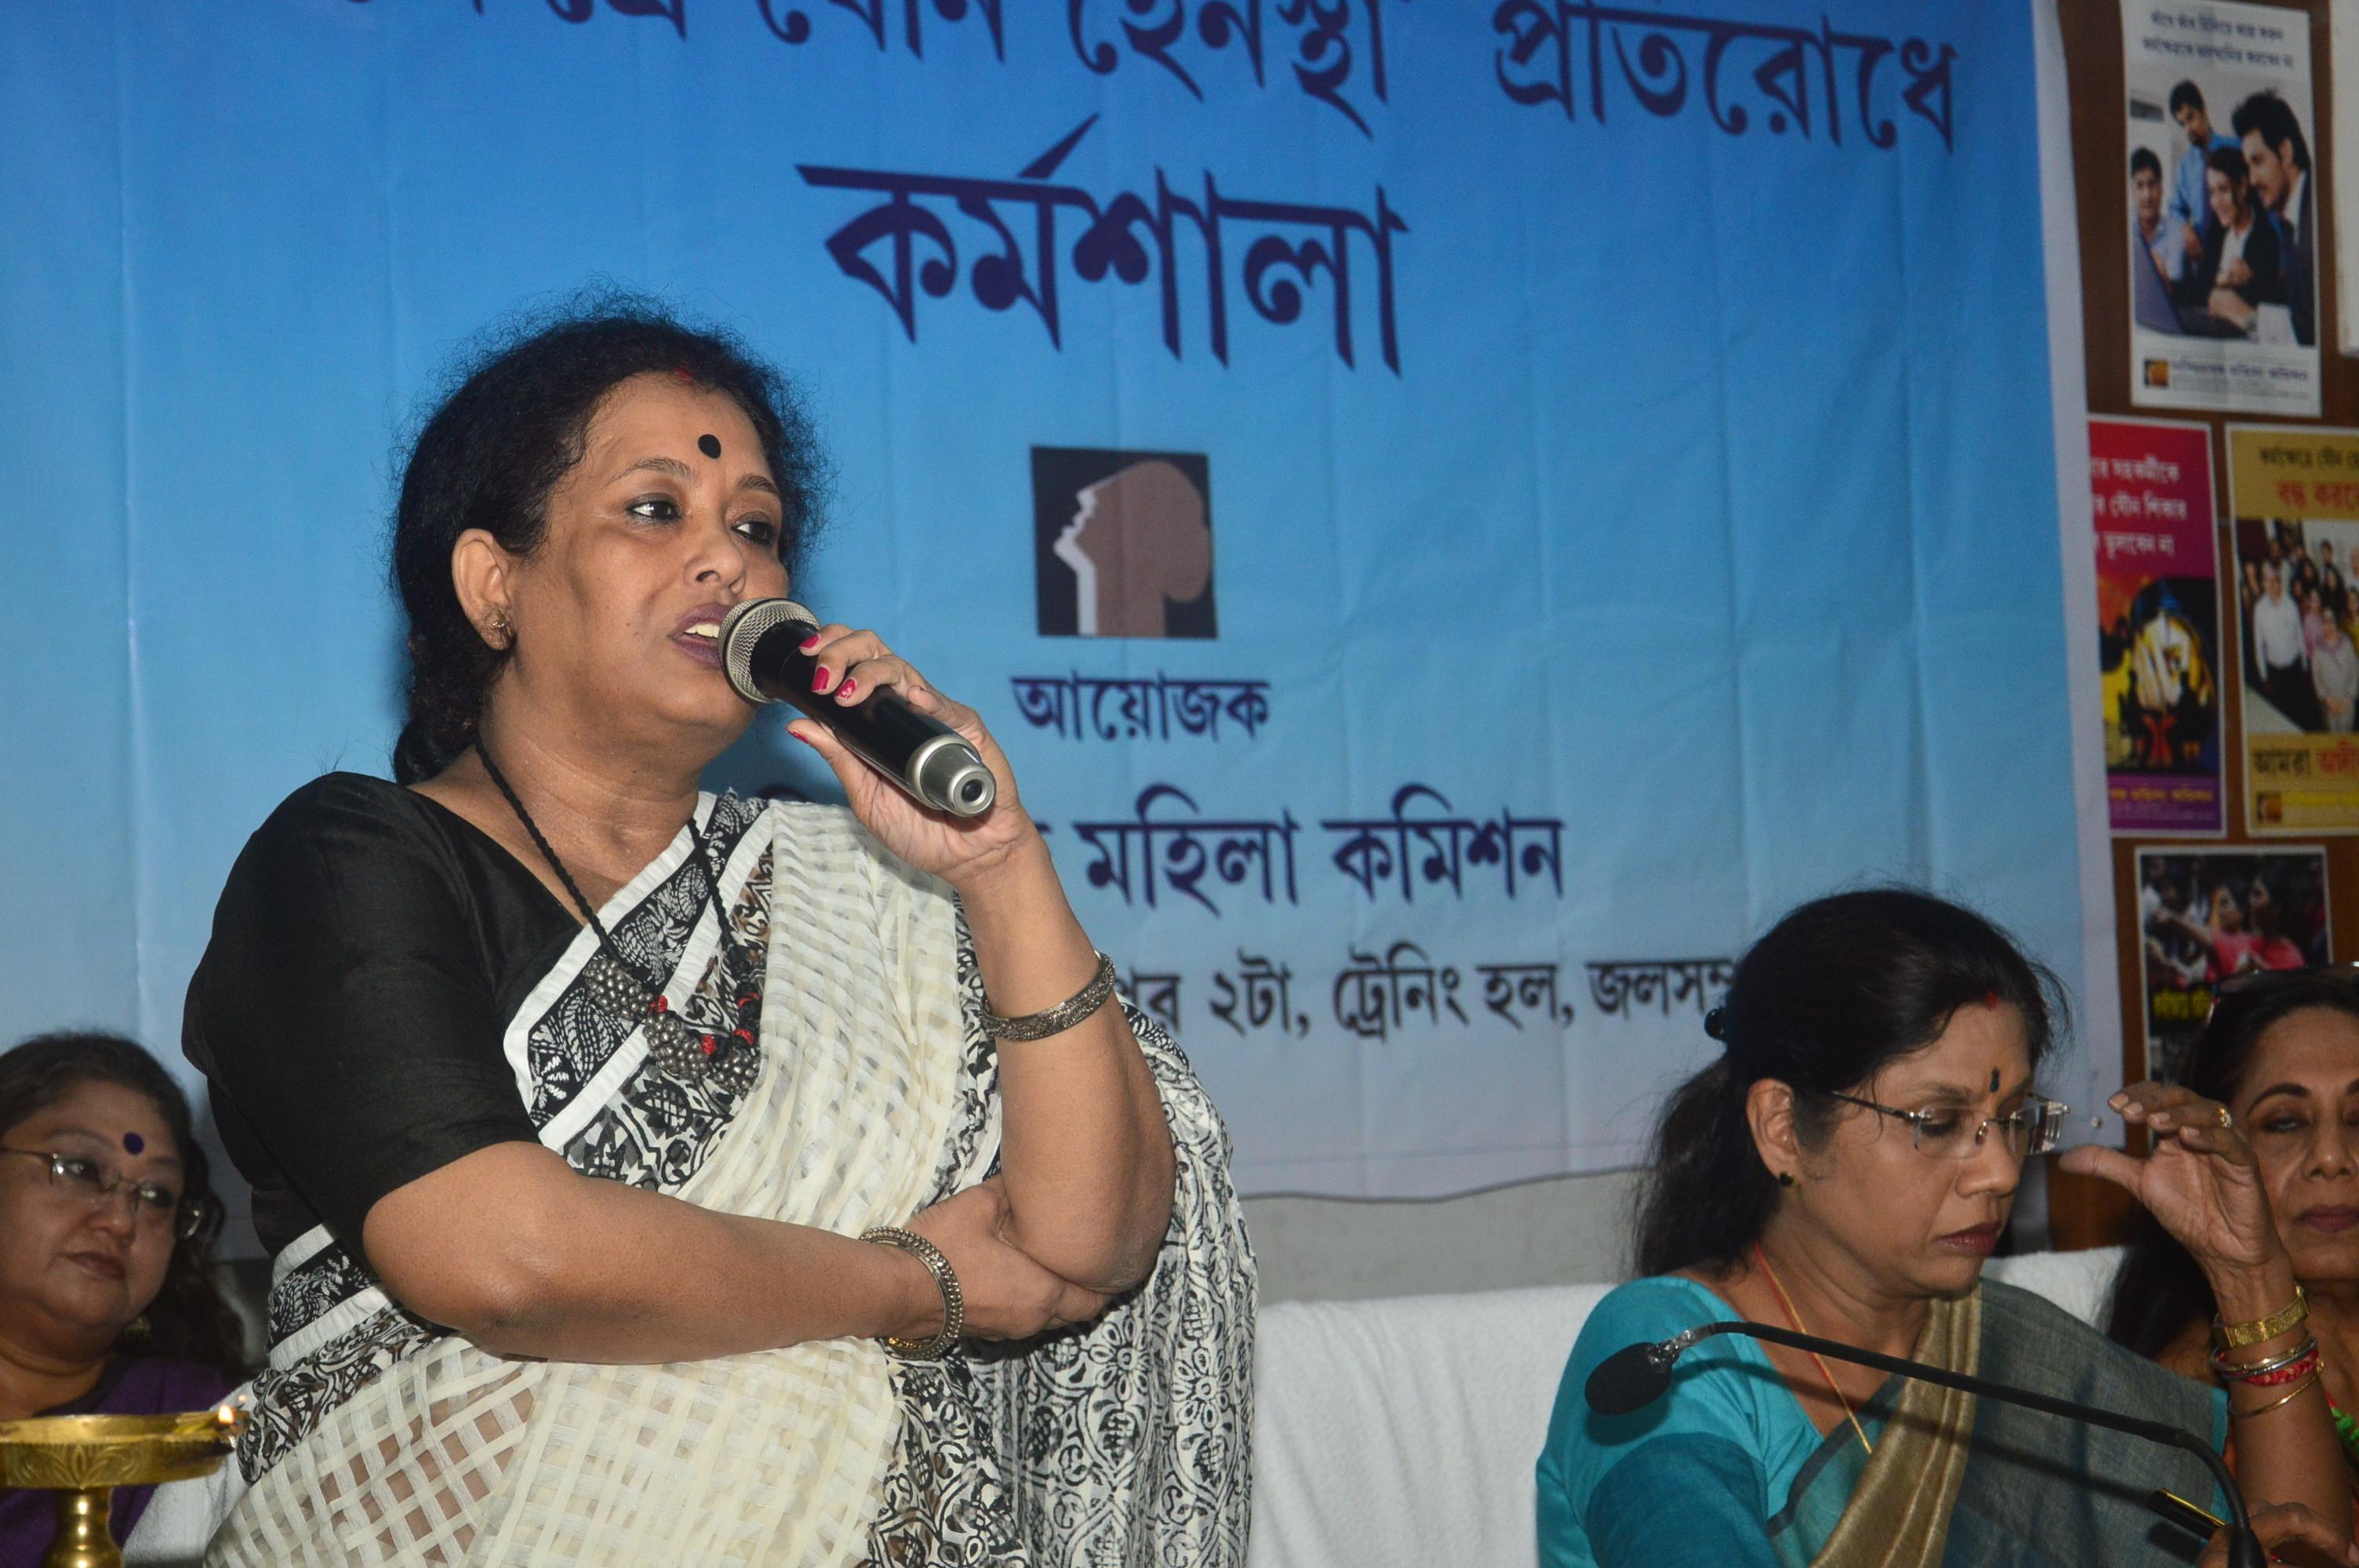 কর্মশালা: গার্হস্থ্য হিংসা — ১৭ নভেম্বর, ২০১৭